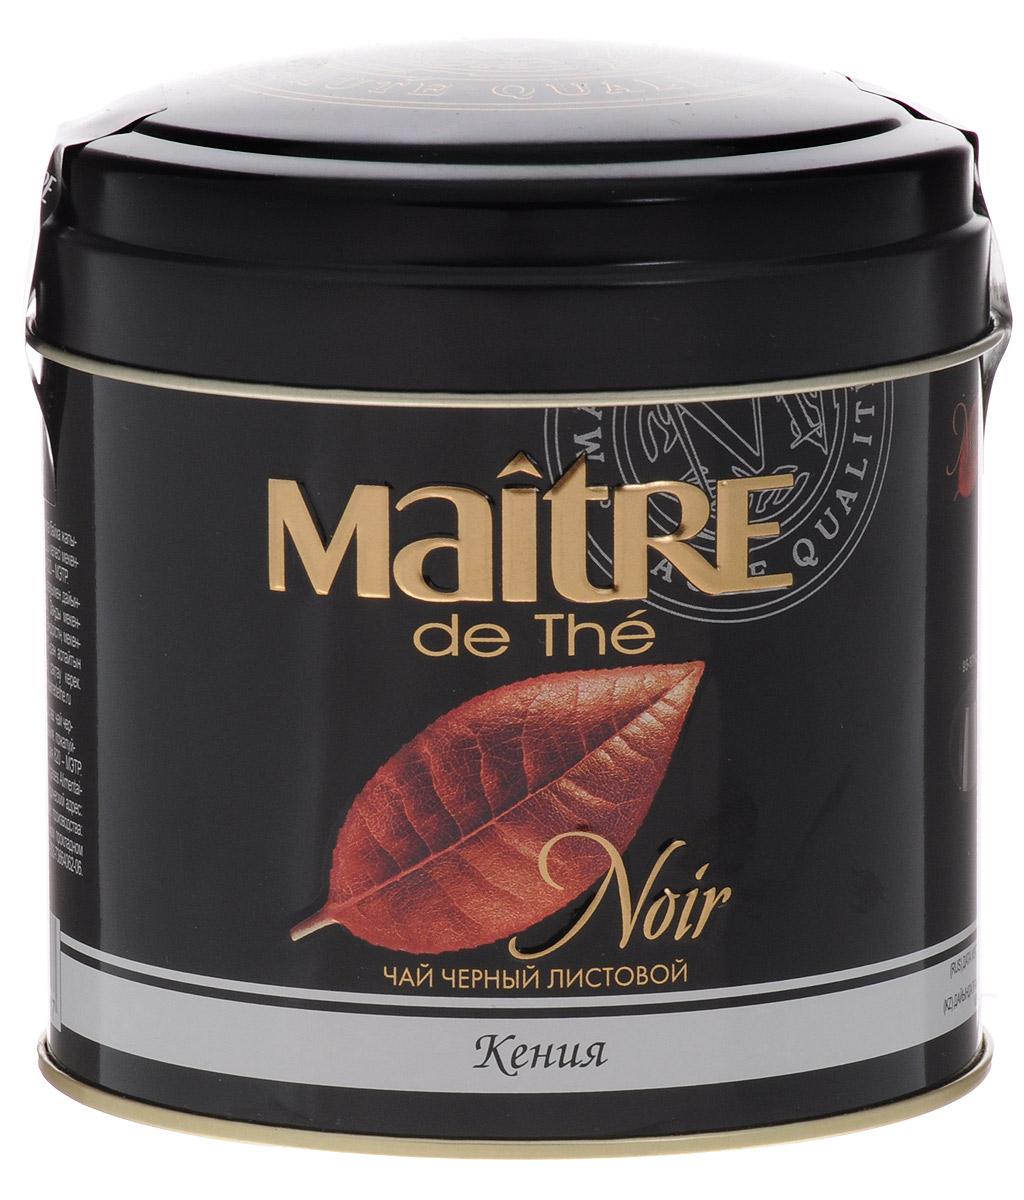 Maitre de The Кения черный листовой чай, 100 г (жестяная банка) maitre сахар леденцовый кристаллический прозрачный 800 г